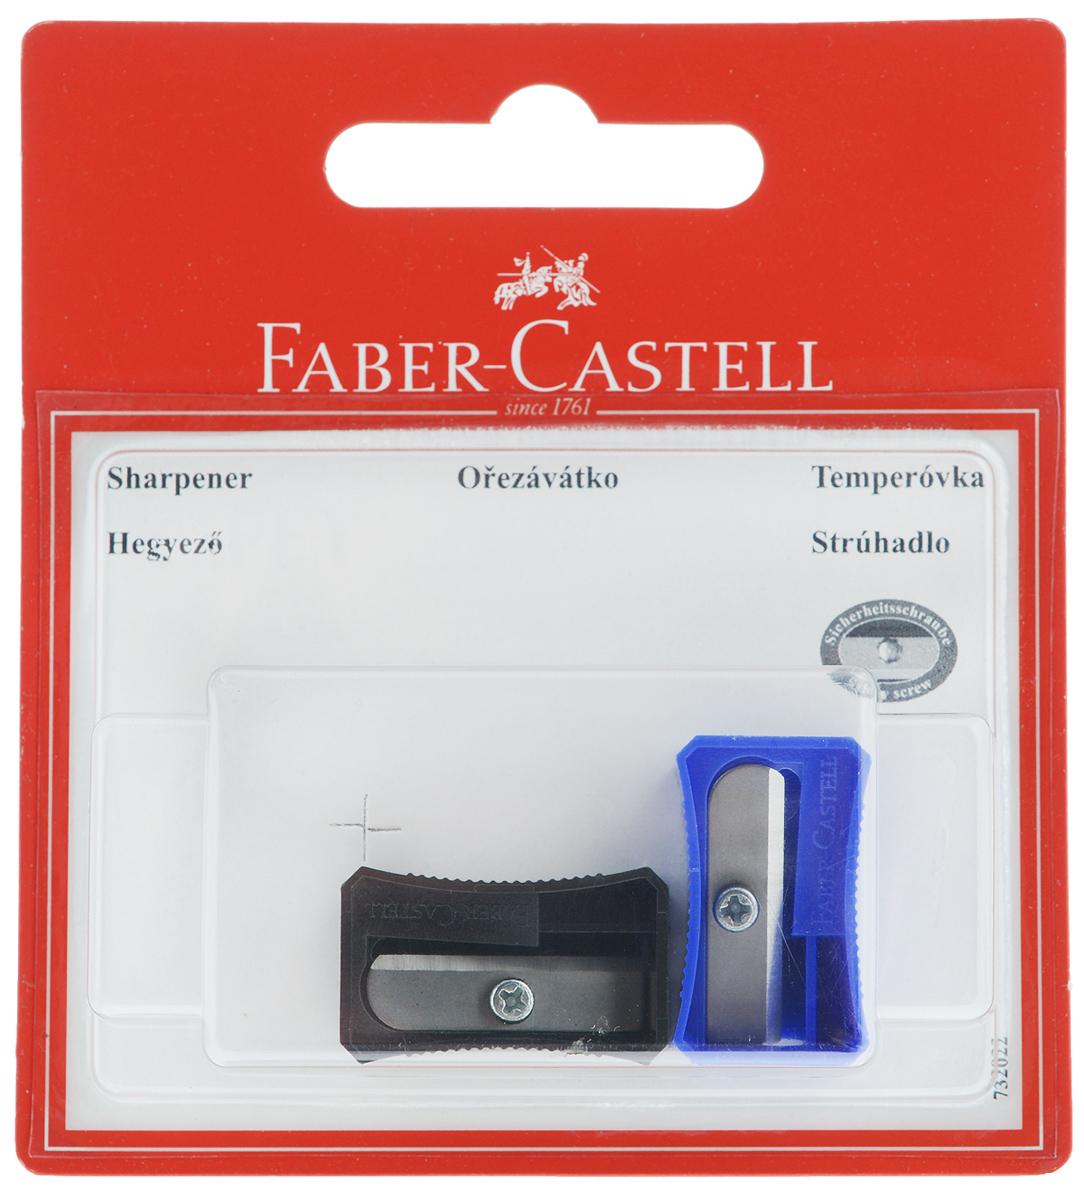 Faber-Castell Точилка цвет синий черный 2 шт263221Набор точилок Faber-Castell предназначен для затачивания классических простых и цветных карандашей. В наборе две точилки из прочного пластика с рифленой областью захвата. Острые стальные лезвия обеспечивают высококачественную и точную заточку деревянных карандашей.